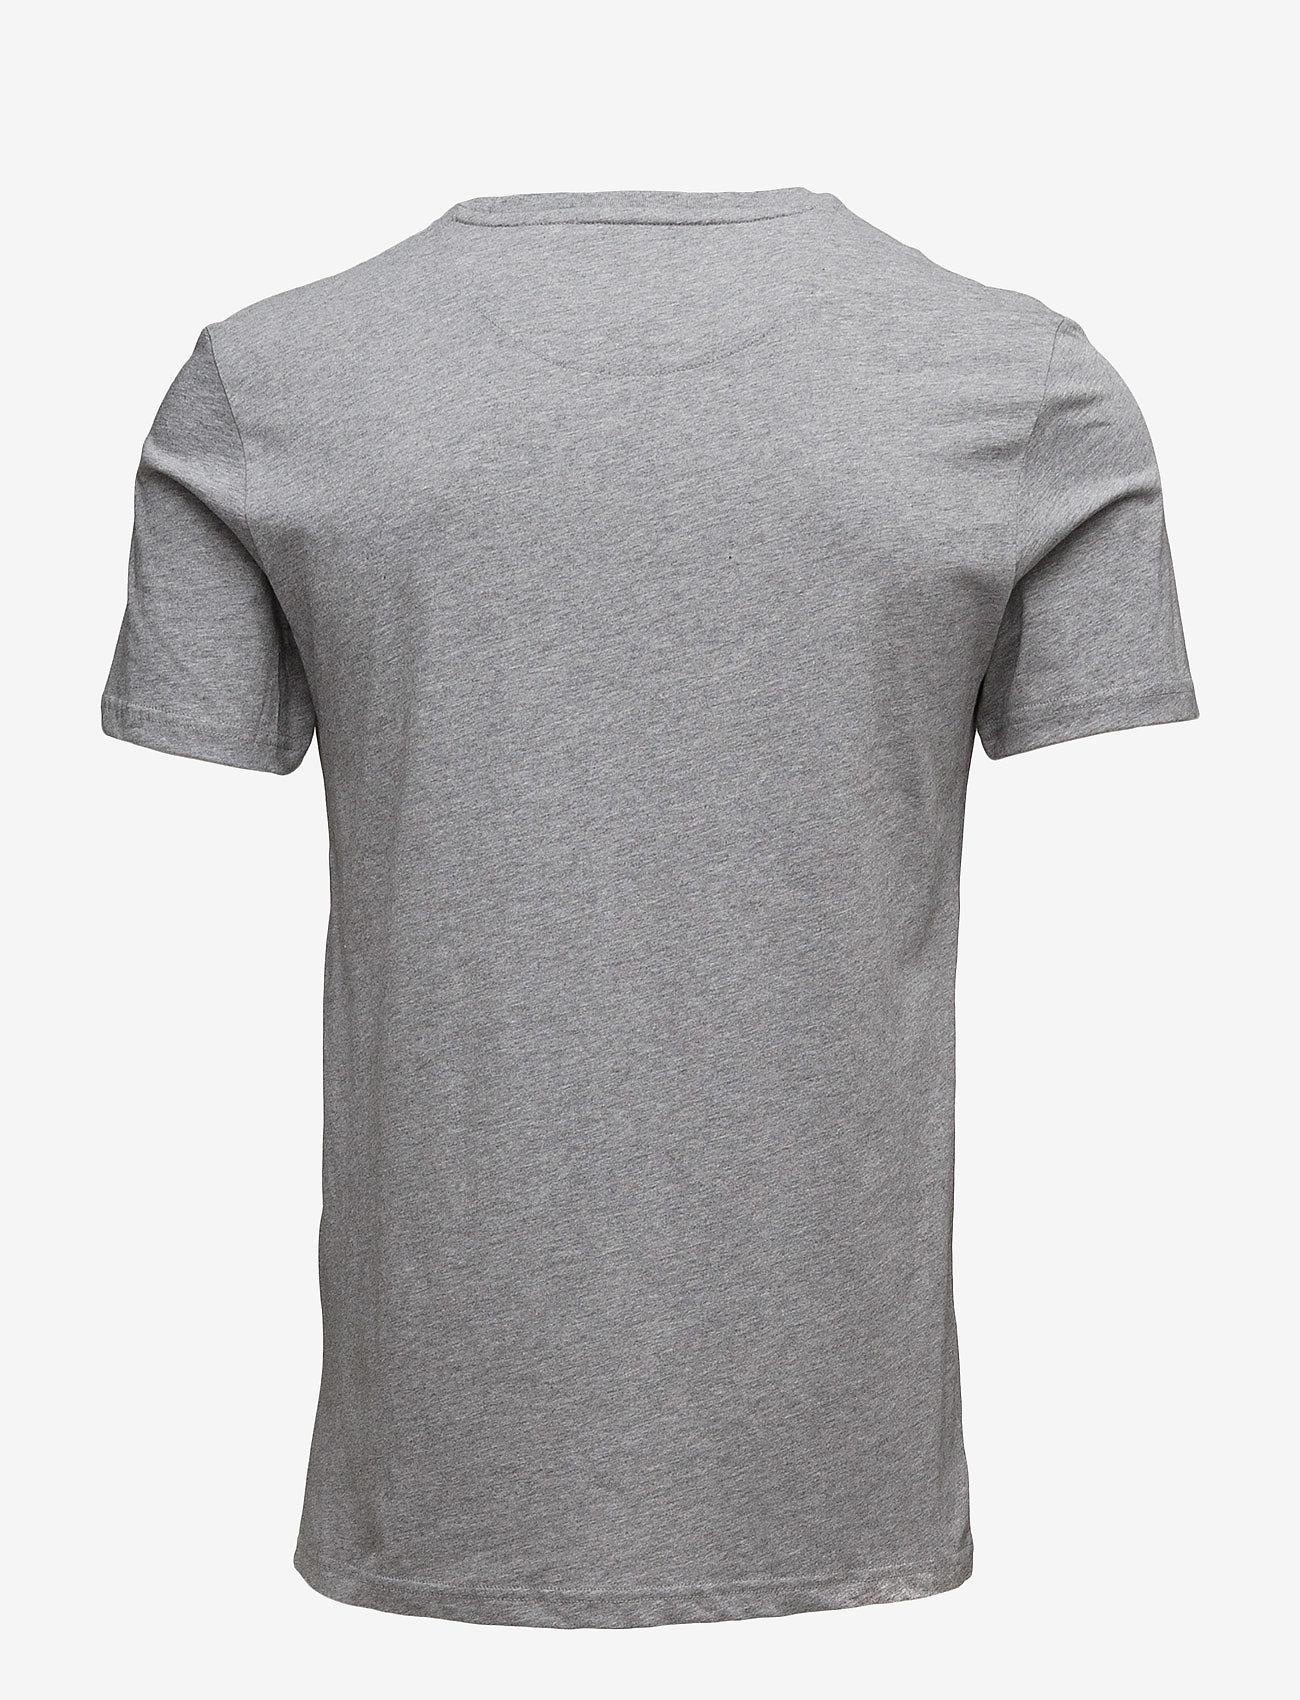 Lyle & Scott Crew Neck T-Shirt - T-skjorter MID GREY MARL - Menn Klær